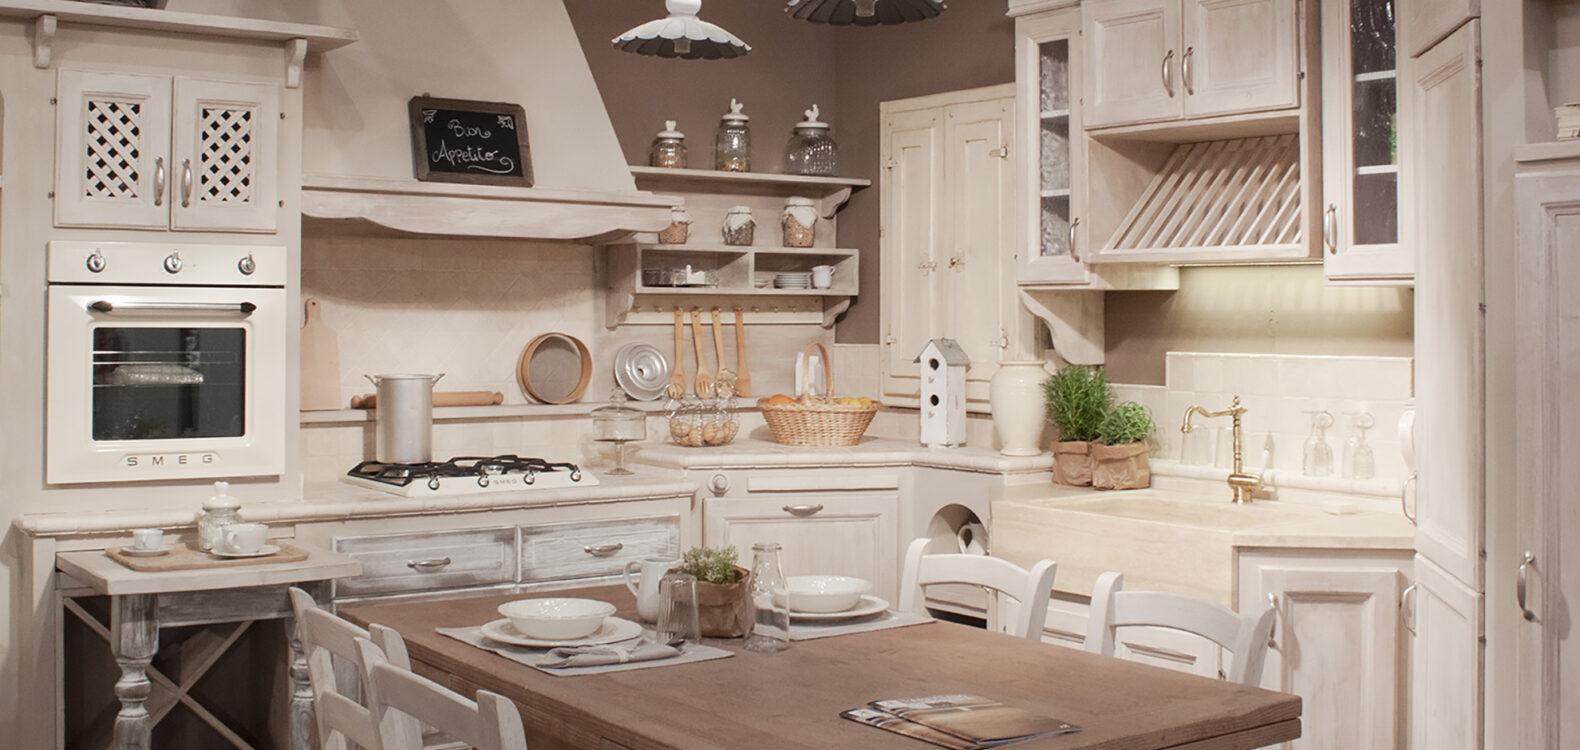 Cucine In Muratura Bianche cucina in muratura shabby chic: cucina masilea - l'artigiano